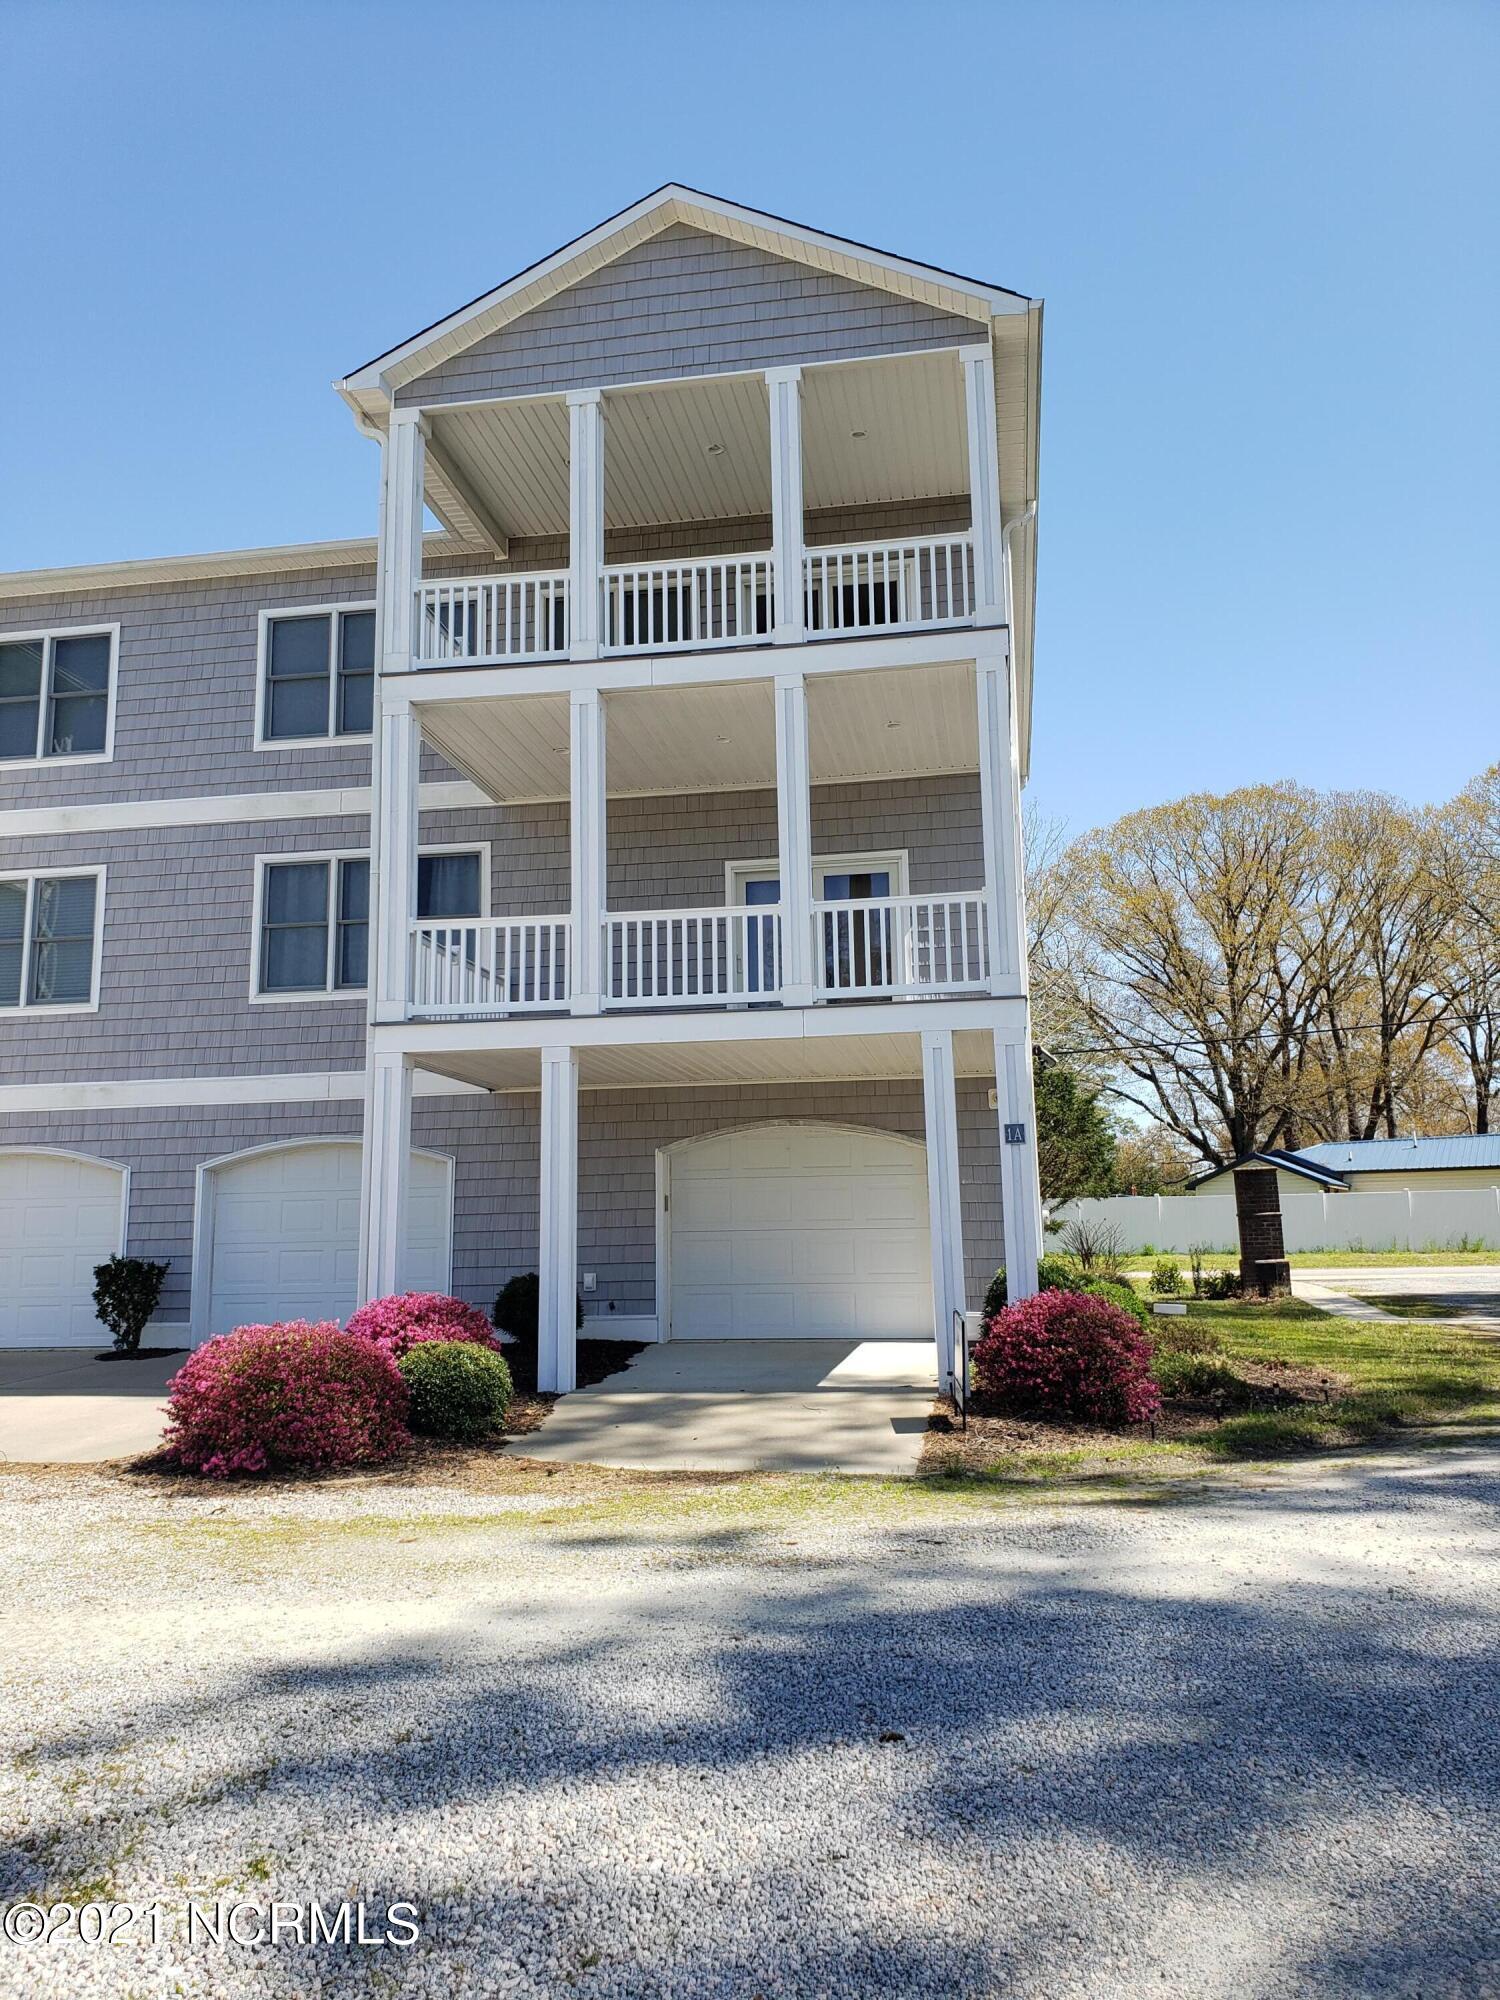 1129 Bennett Road, Minnesott Beach, North Carolina 28510, 2 Bedrooms Bedrooms, 7 Rooms Rooms,2 BathroomsBathrooms,Condominium,For sale,Bennett,100261736